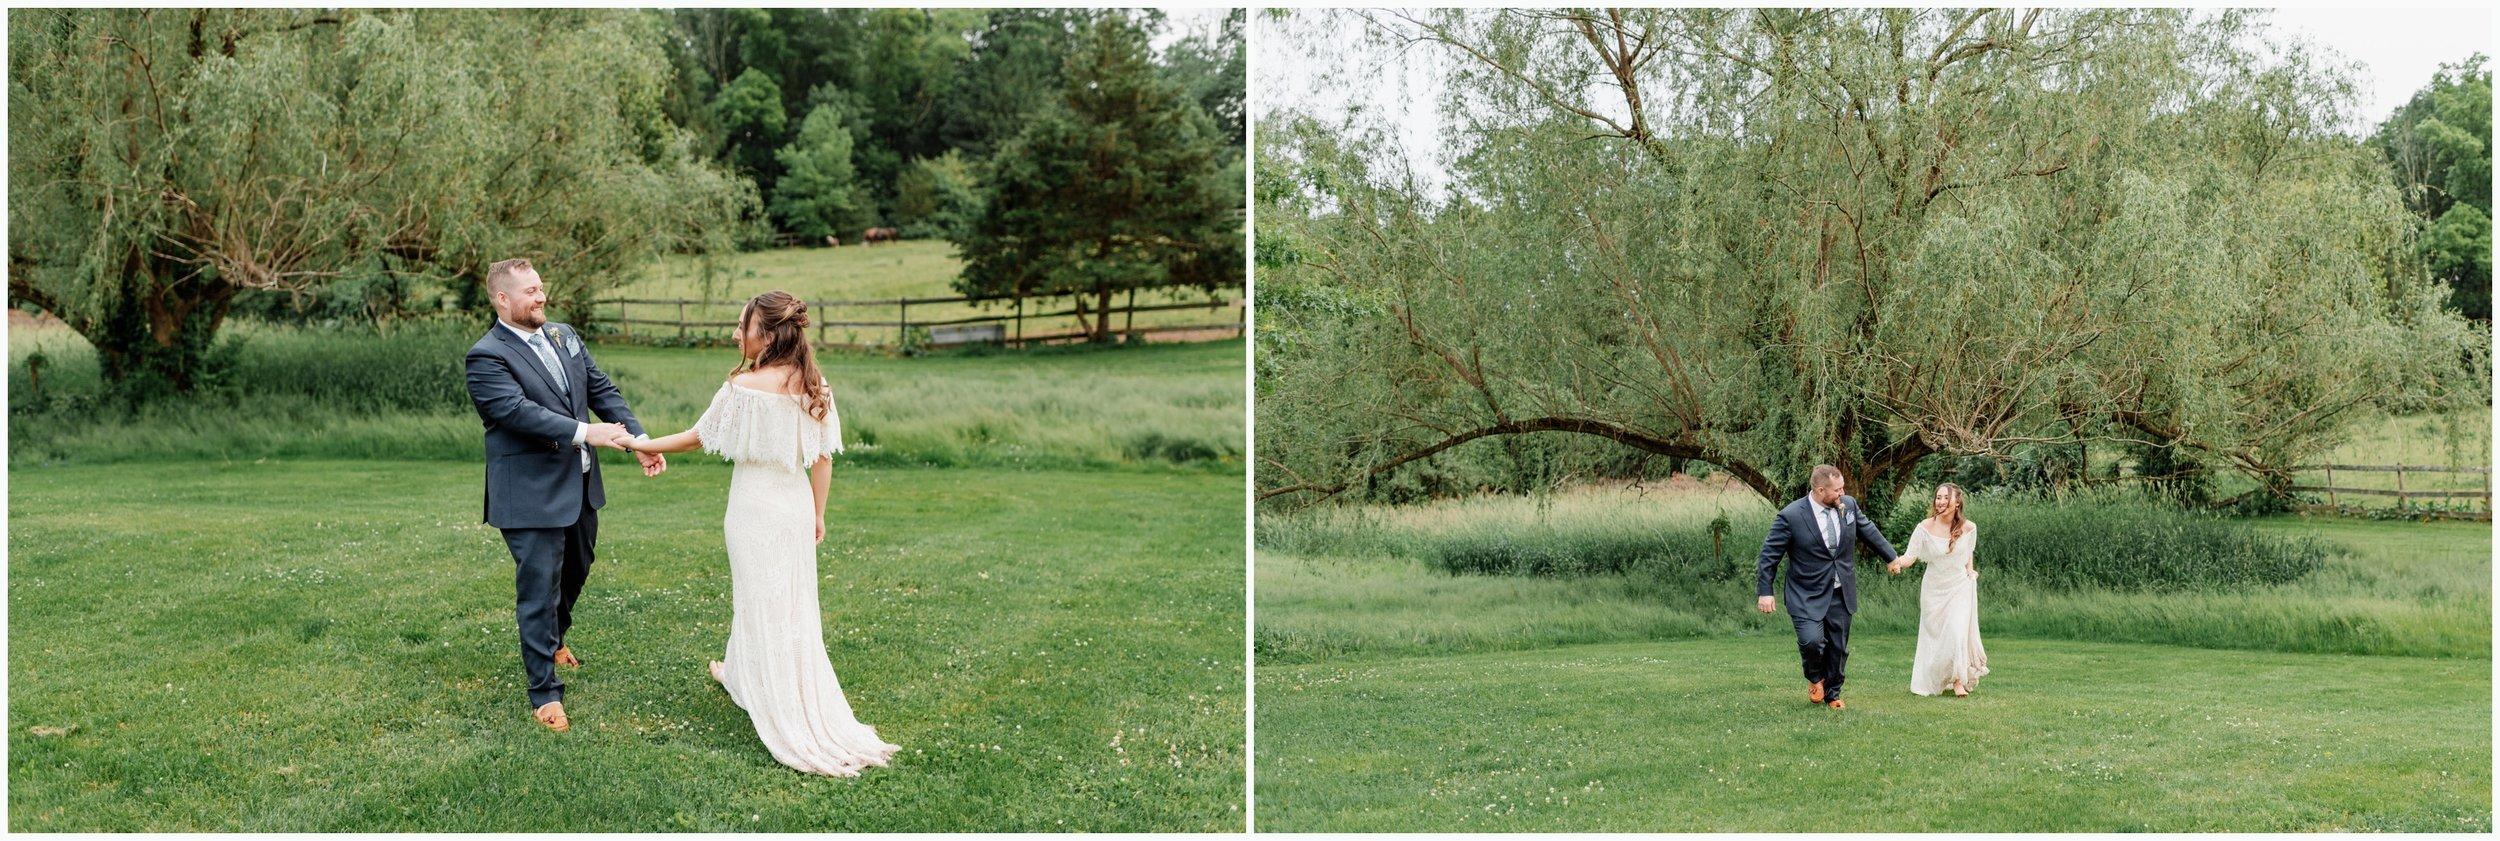 LaurenAndrewBarnAtForestvilleSharynFrenkelPhotography068.jpg